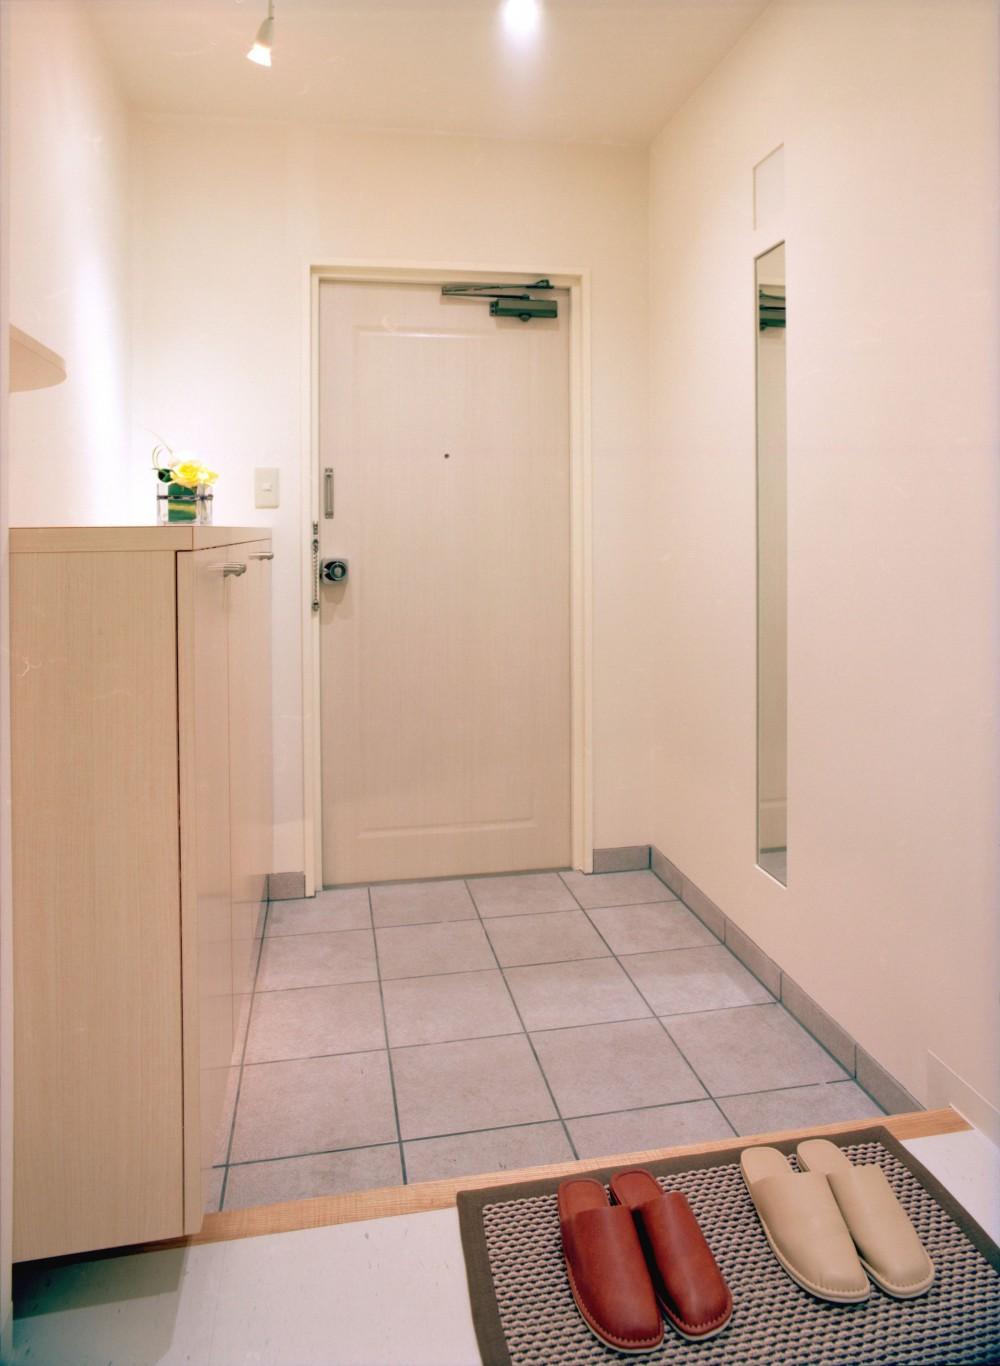 岡崎のマンション – 斜めに切り取られた和室が空間の可能性を広げる – (玄関)